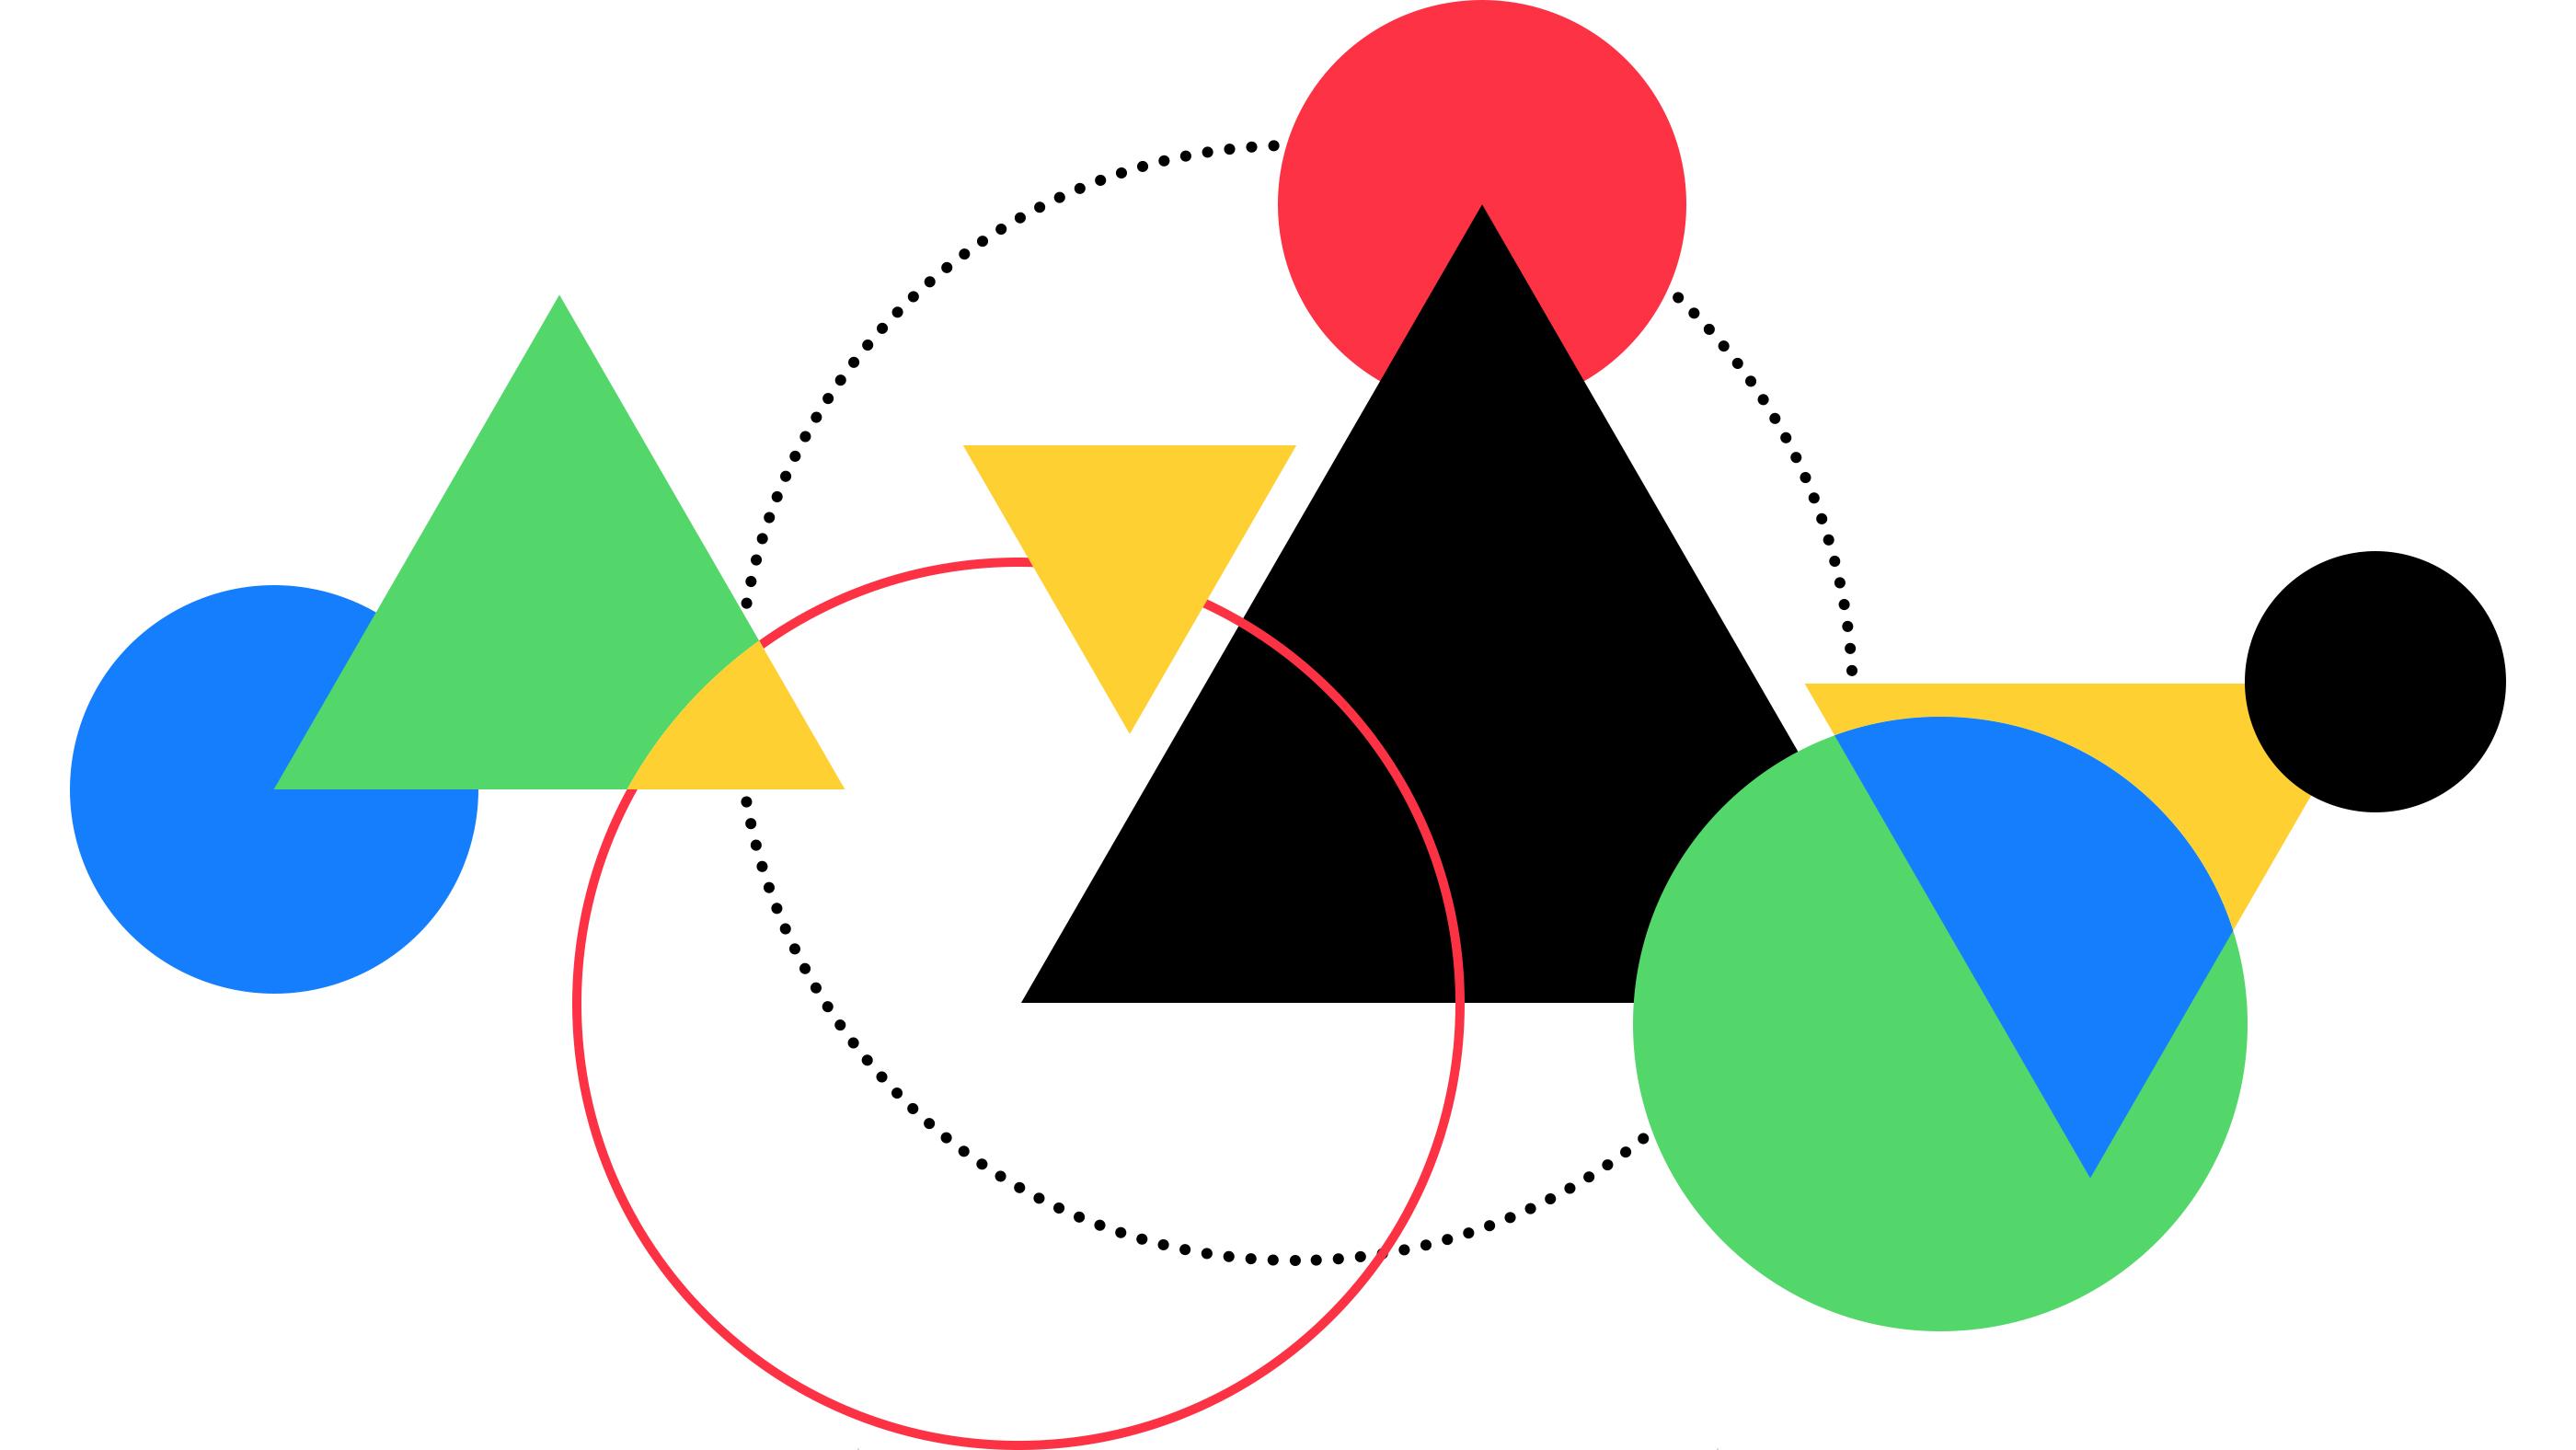 vector graphics explained pixelmator